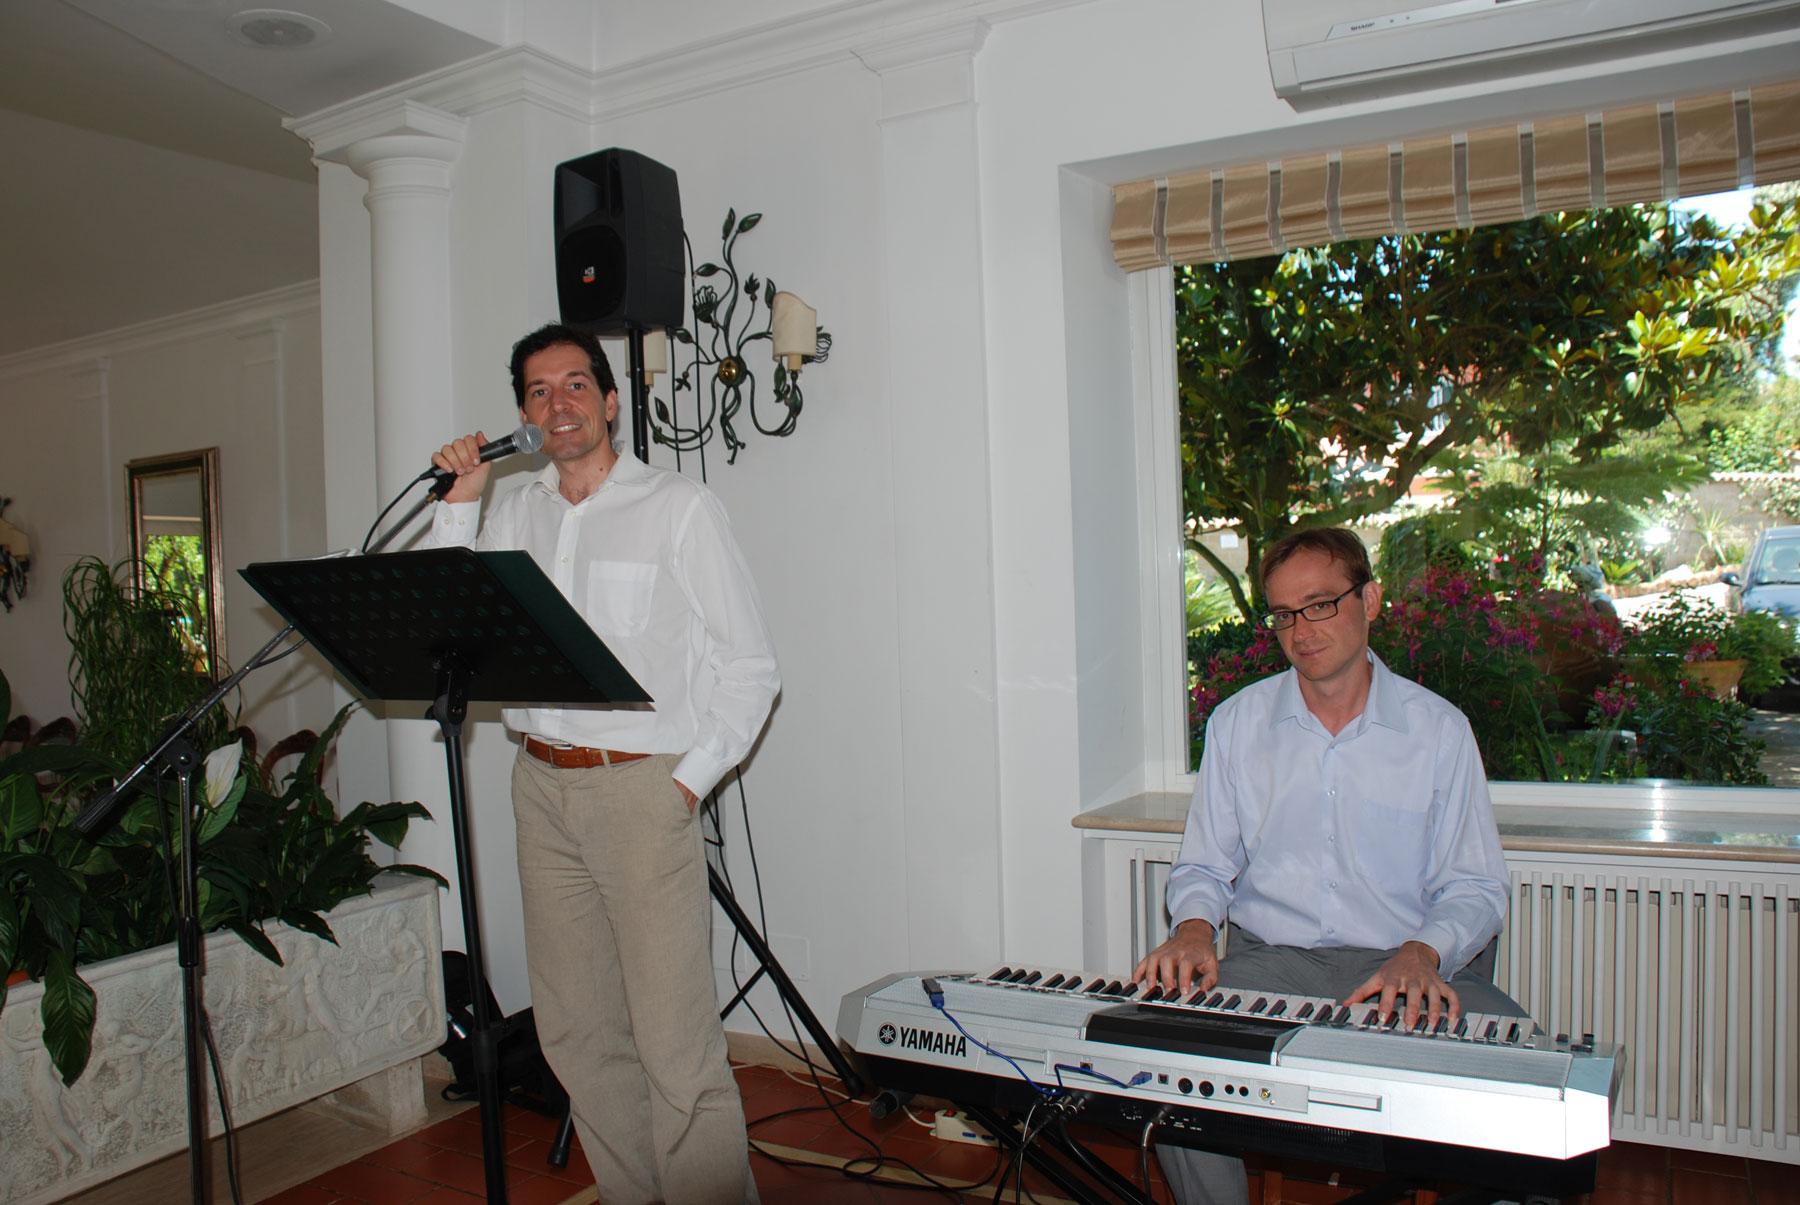 Villa cinardi ville per matrimoni roma musica per matrimonio - Piscine roma nord ...